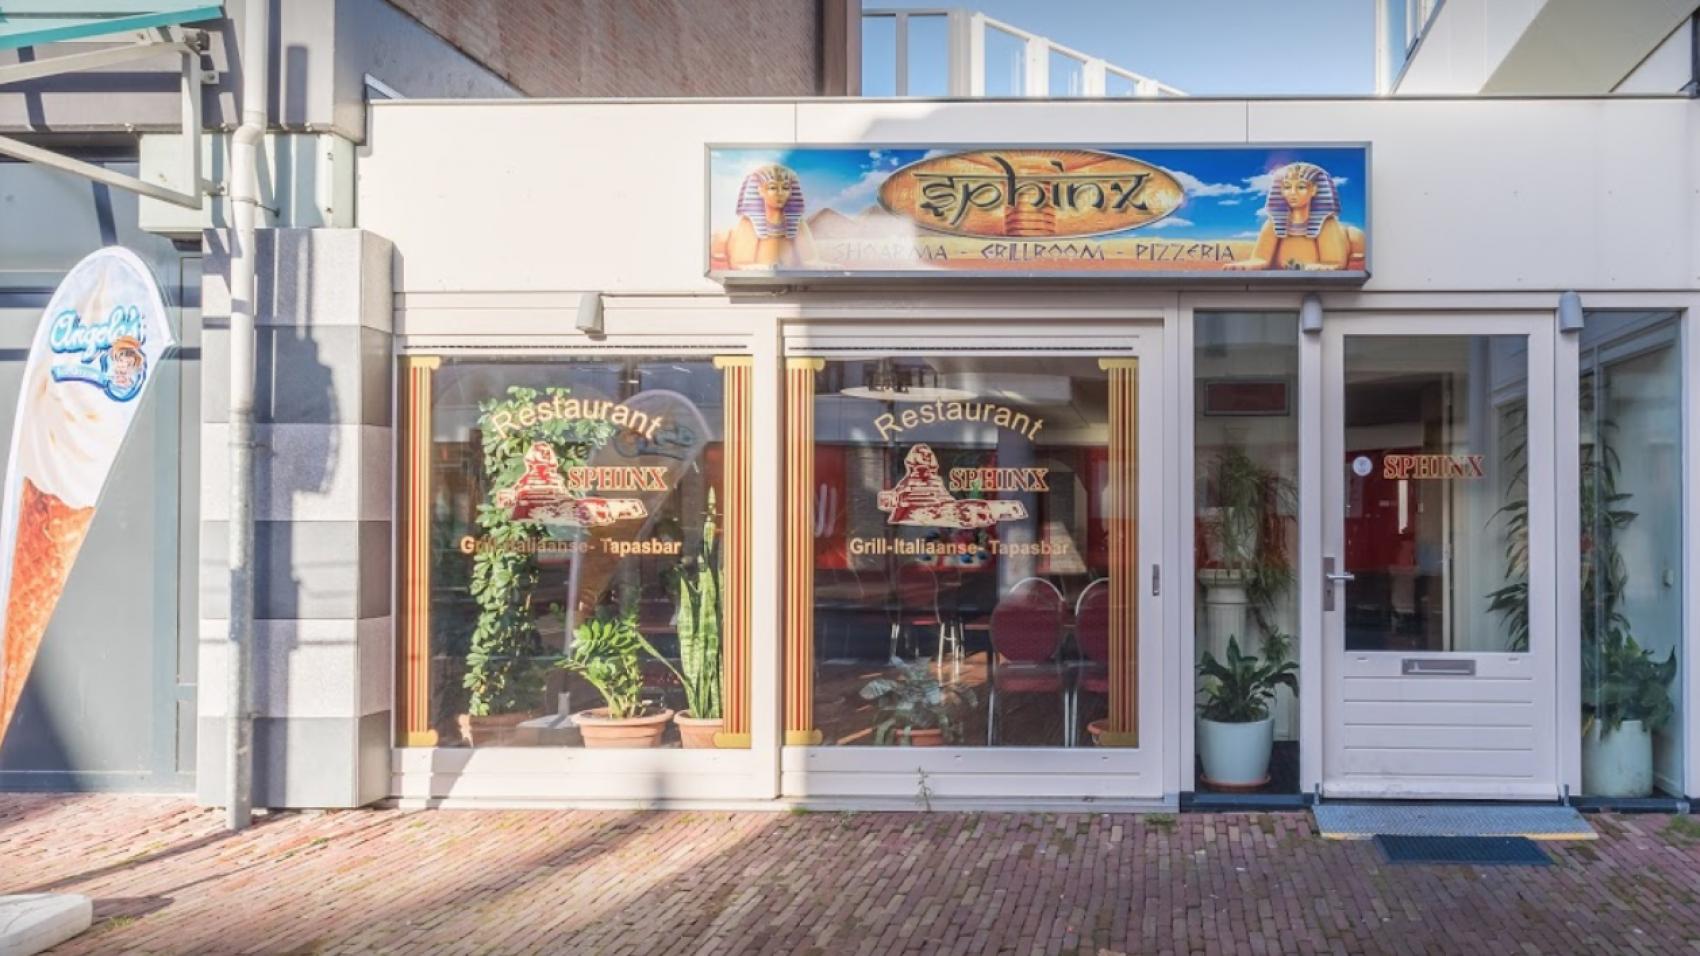 Promenade Sphinx Restaurant